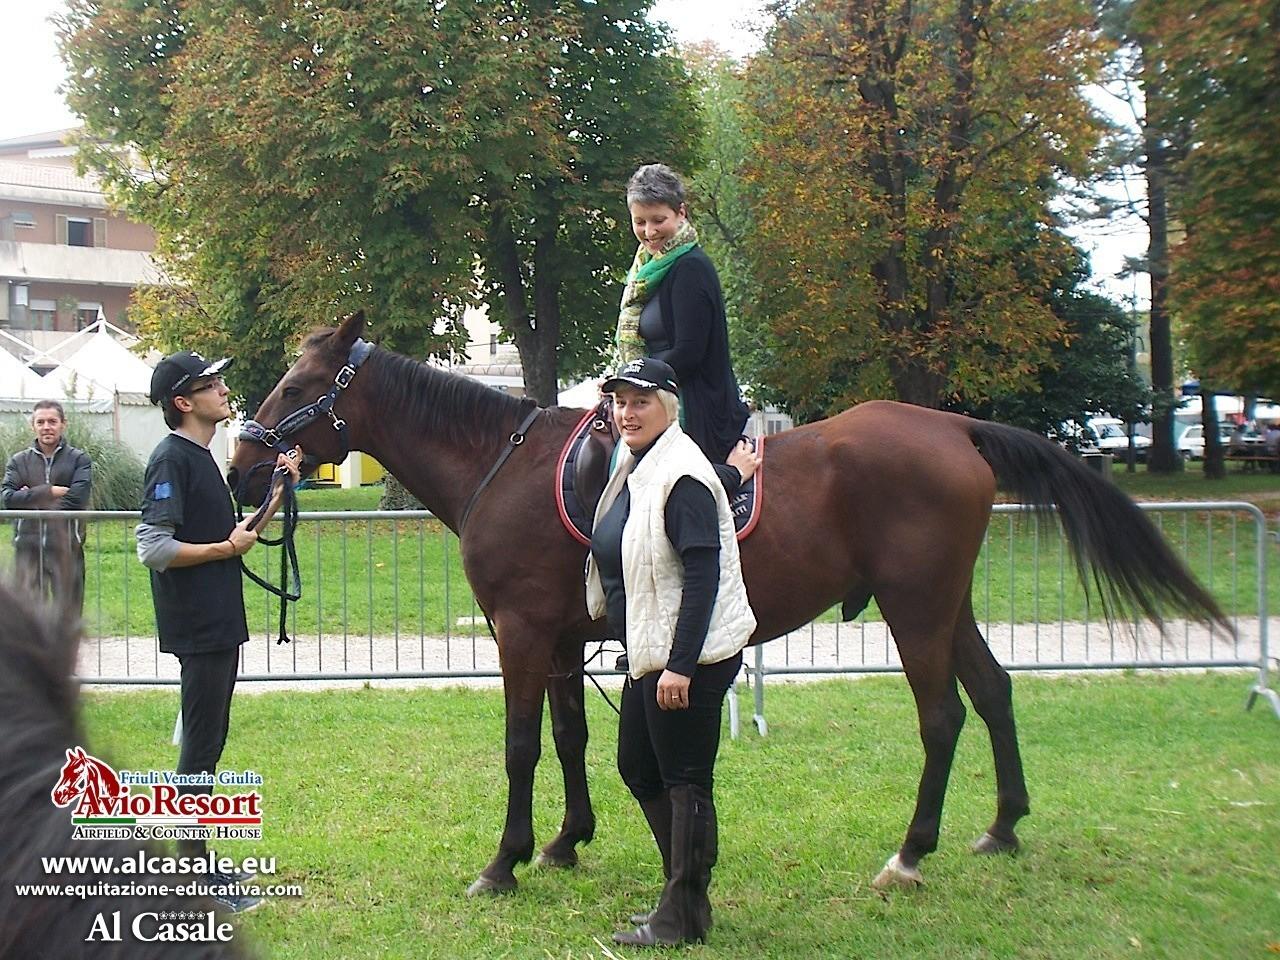 equitazione-educativa-codroipo-02